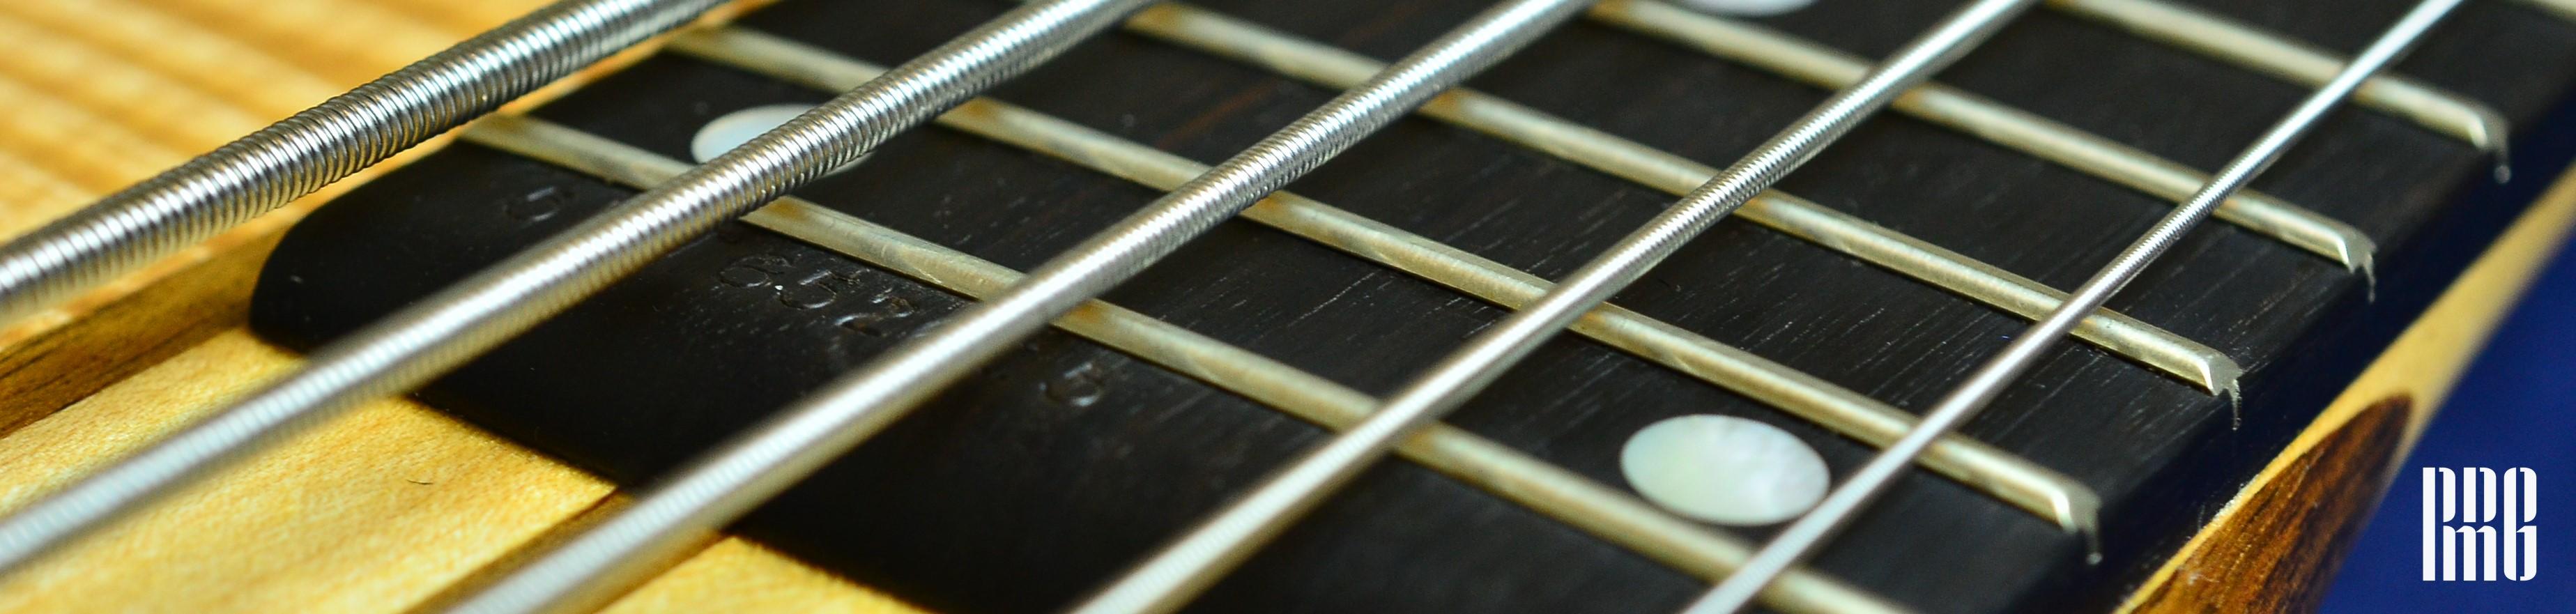 搖滾磐石音樂 Rock Rock Music Gears